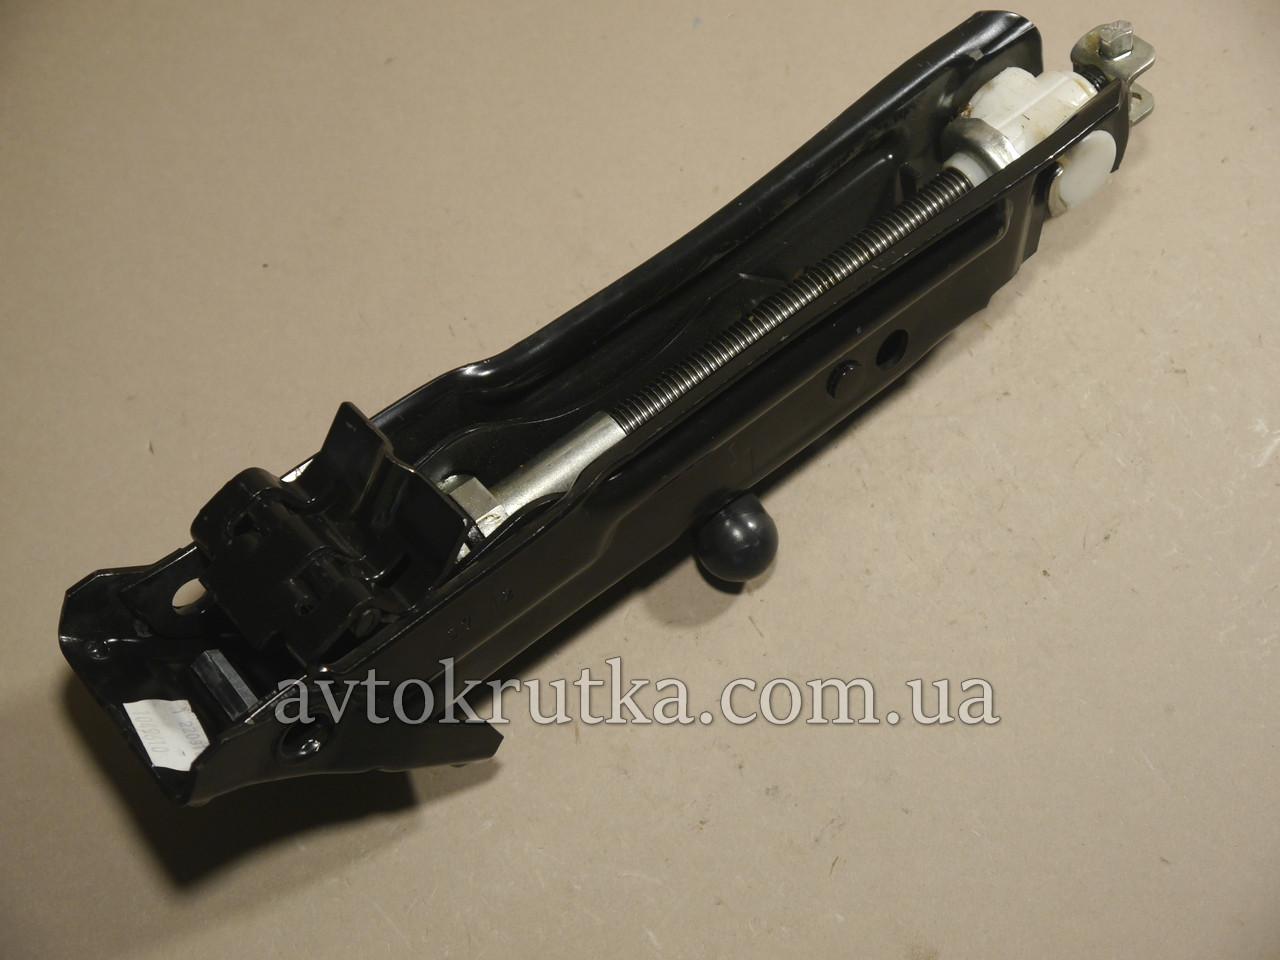 Домкрат Mini Cooper R53